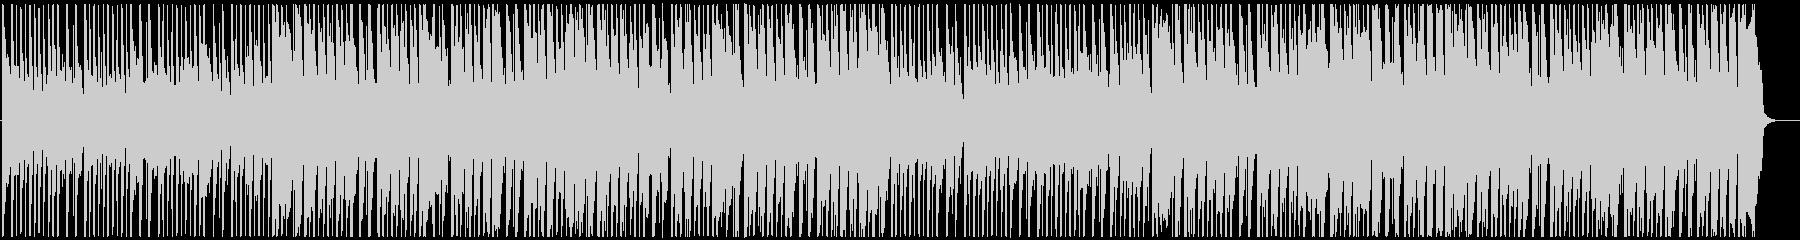 明るい4つ打ちガールズK-POPの未再生の波形